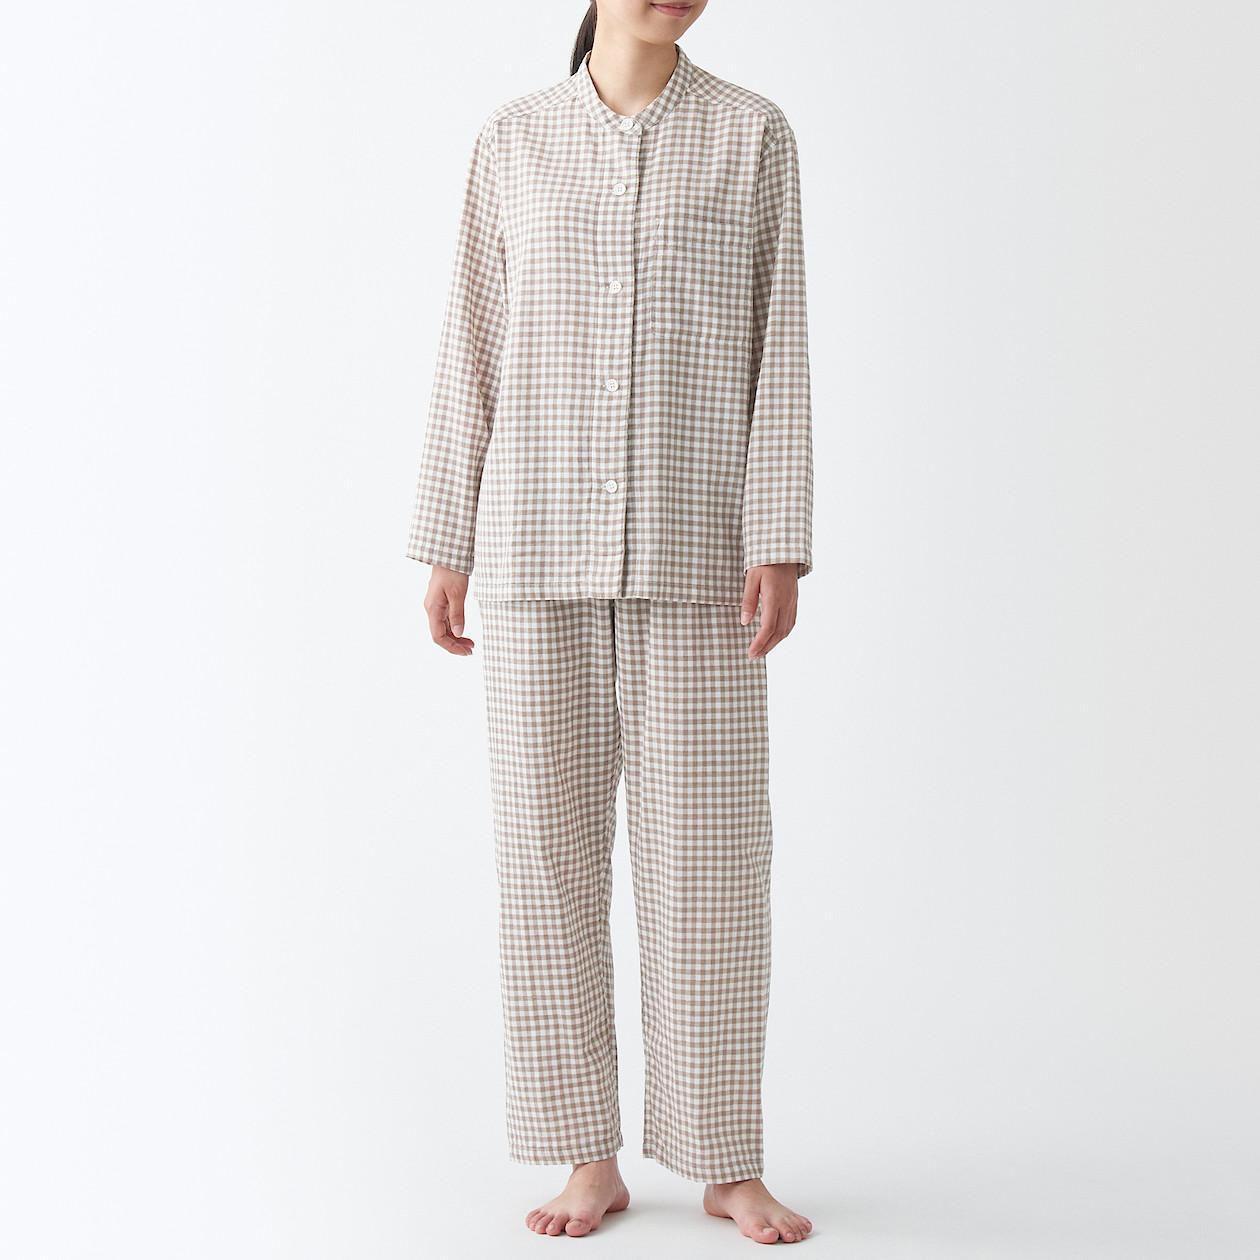 2 hãng pyjama mẫu mã hơi tẻ nhưng lại được Phương Ly mua hoài vì chất vải mặc quá sướng - Ảnh 7.